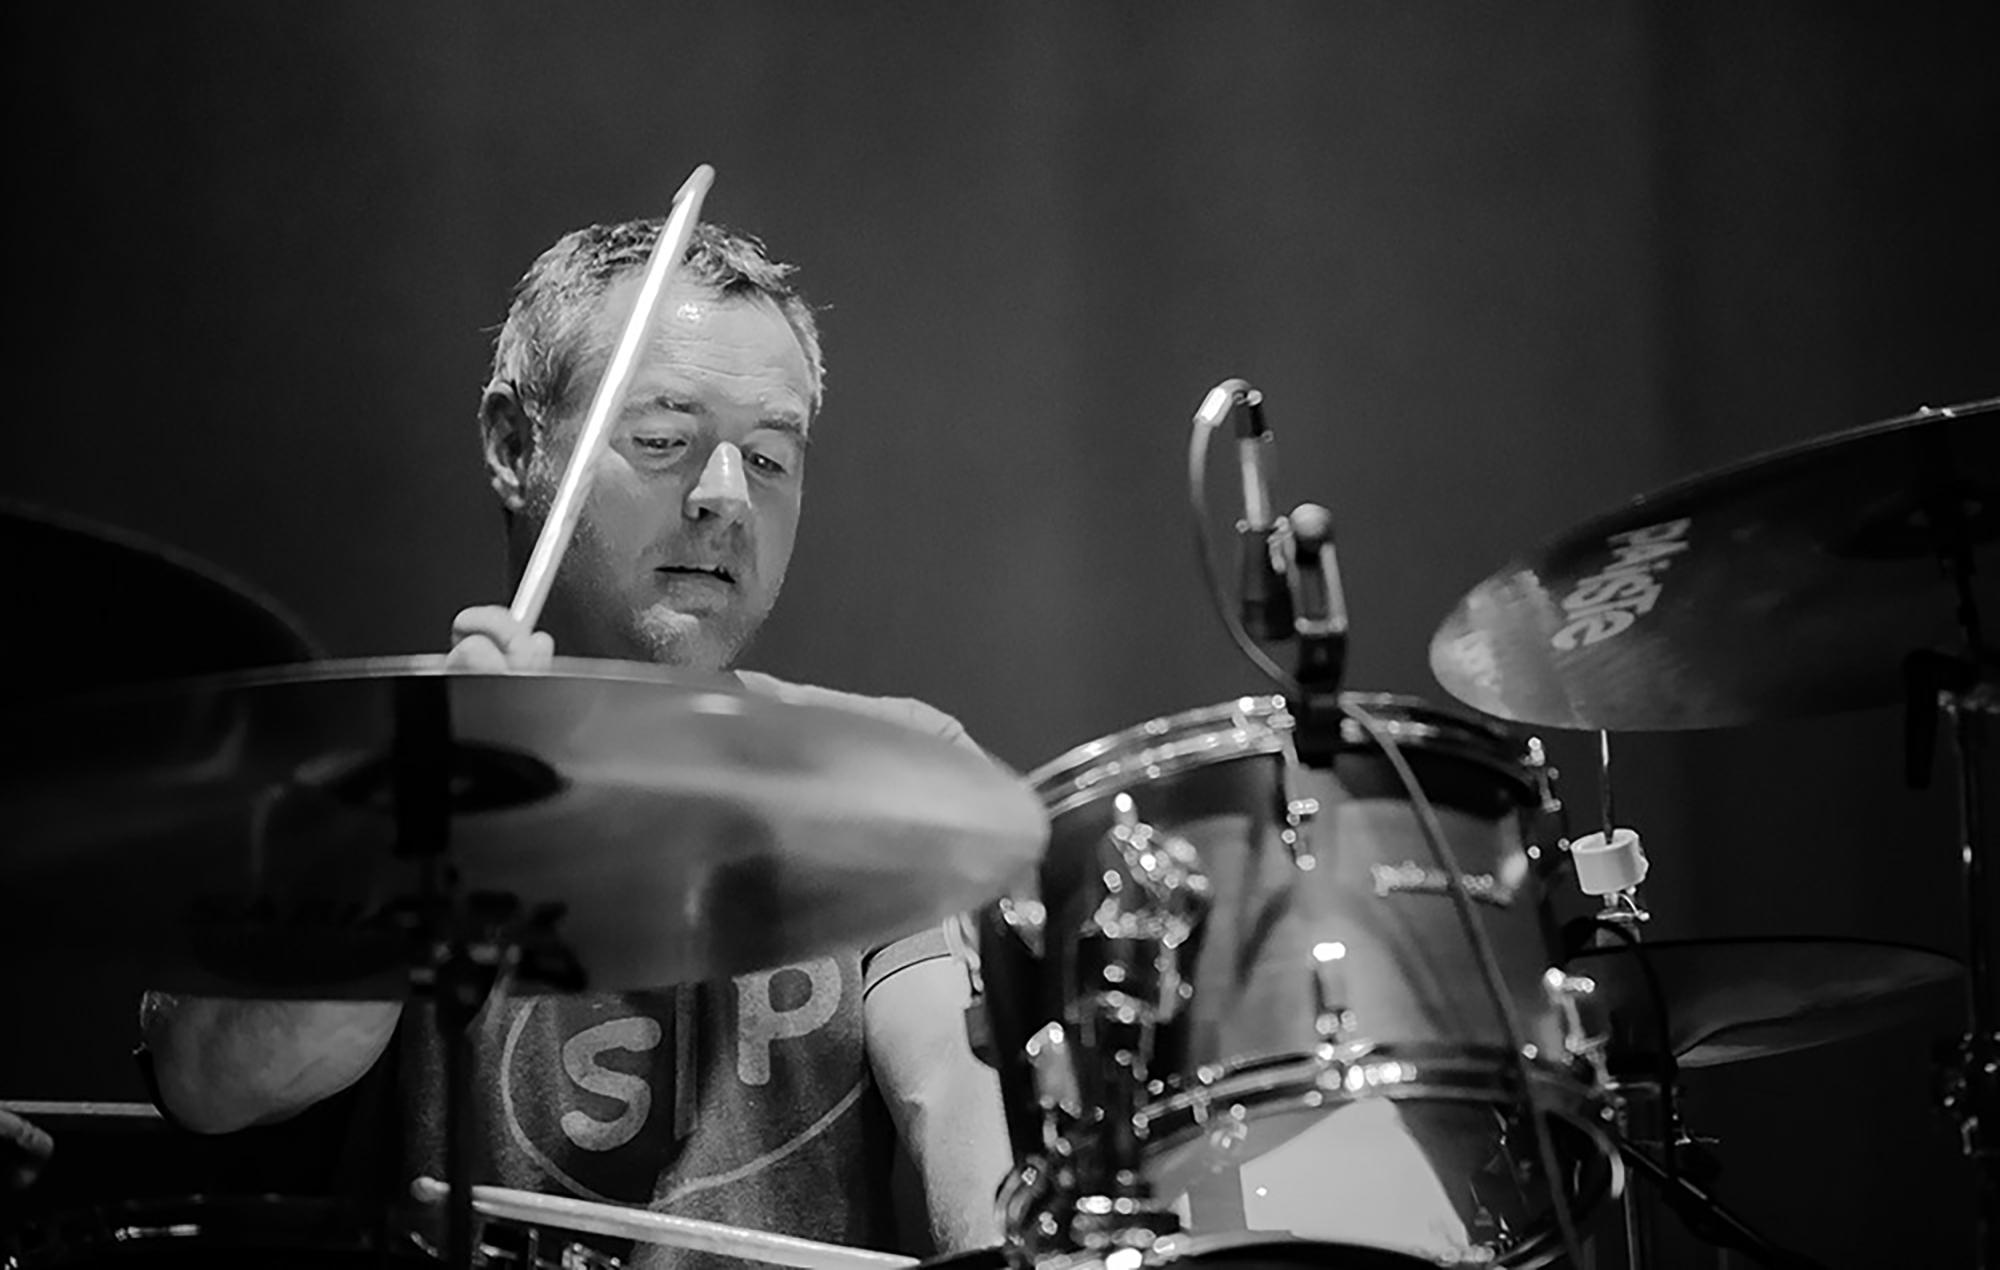 Hum drummer Bryan St. Pere